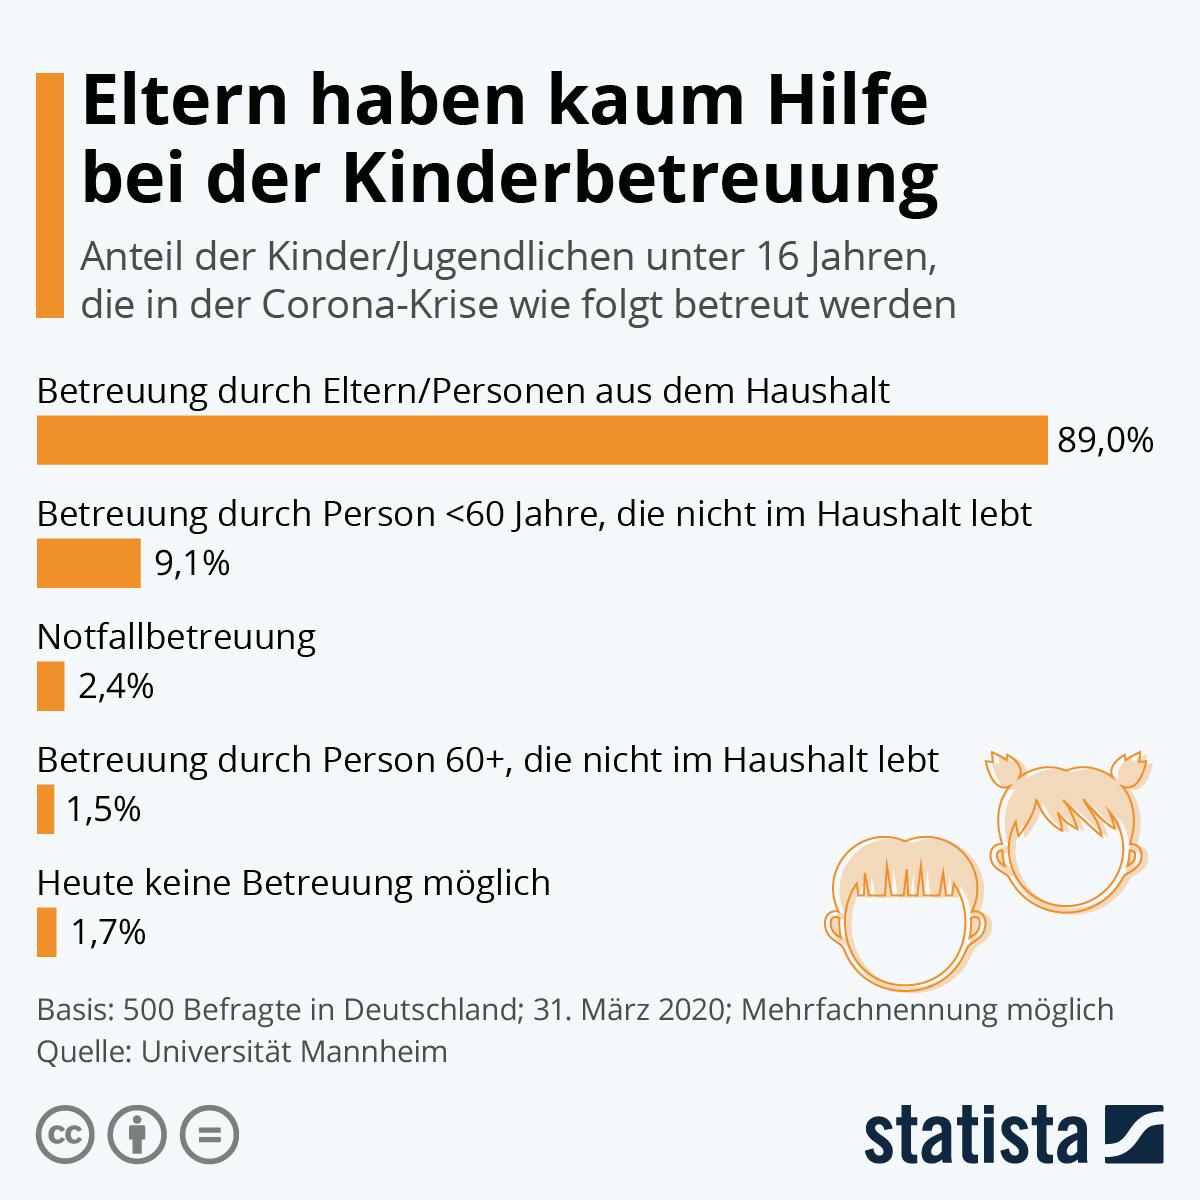 Infografik: Eltern haben kaum Hilfe bei der Kinderbetreuung | Statista